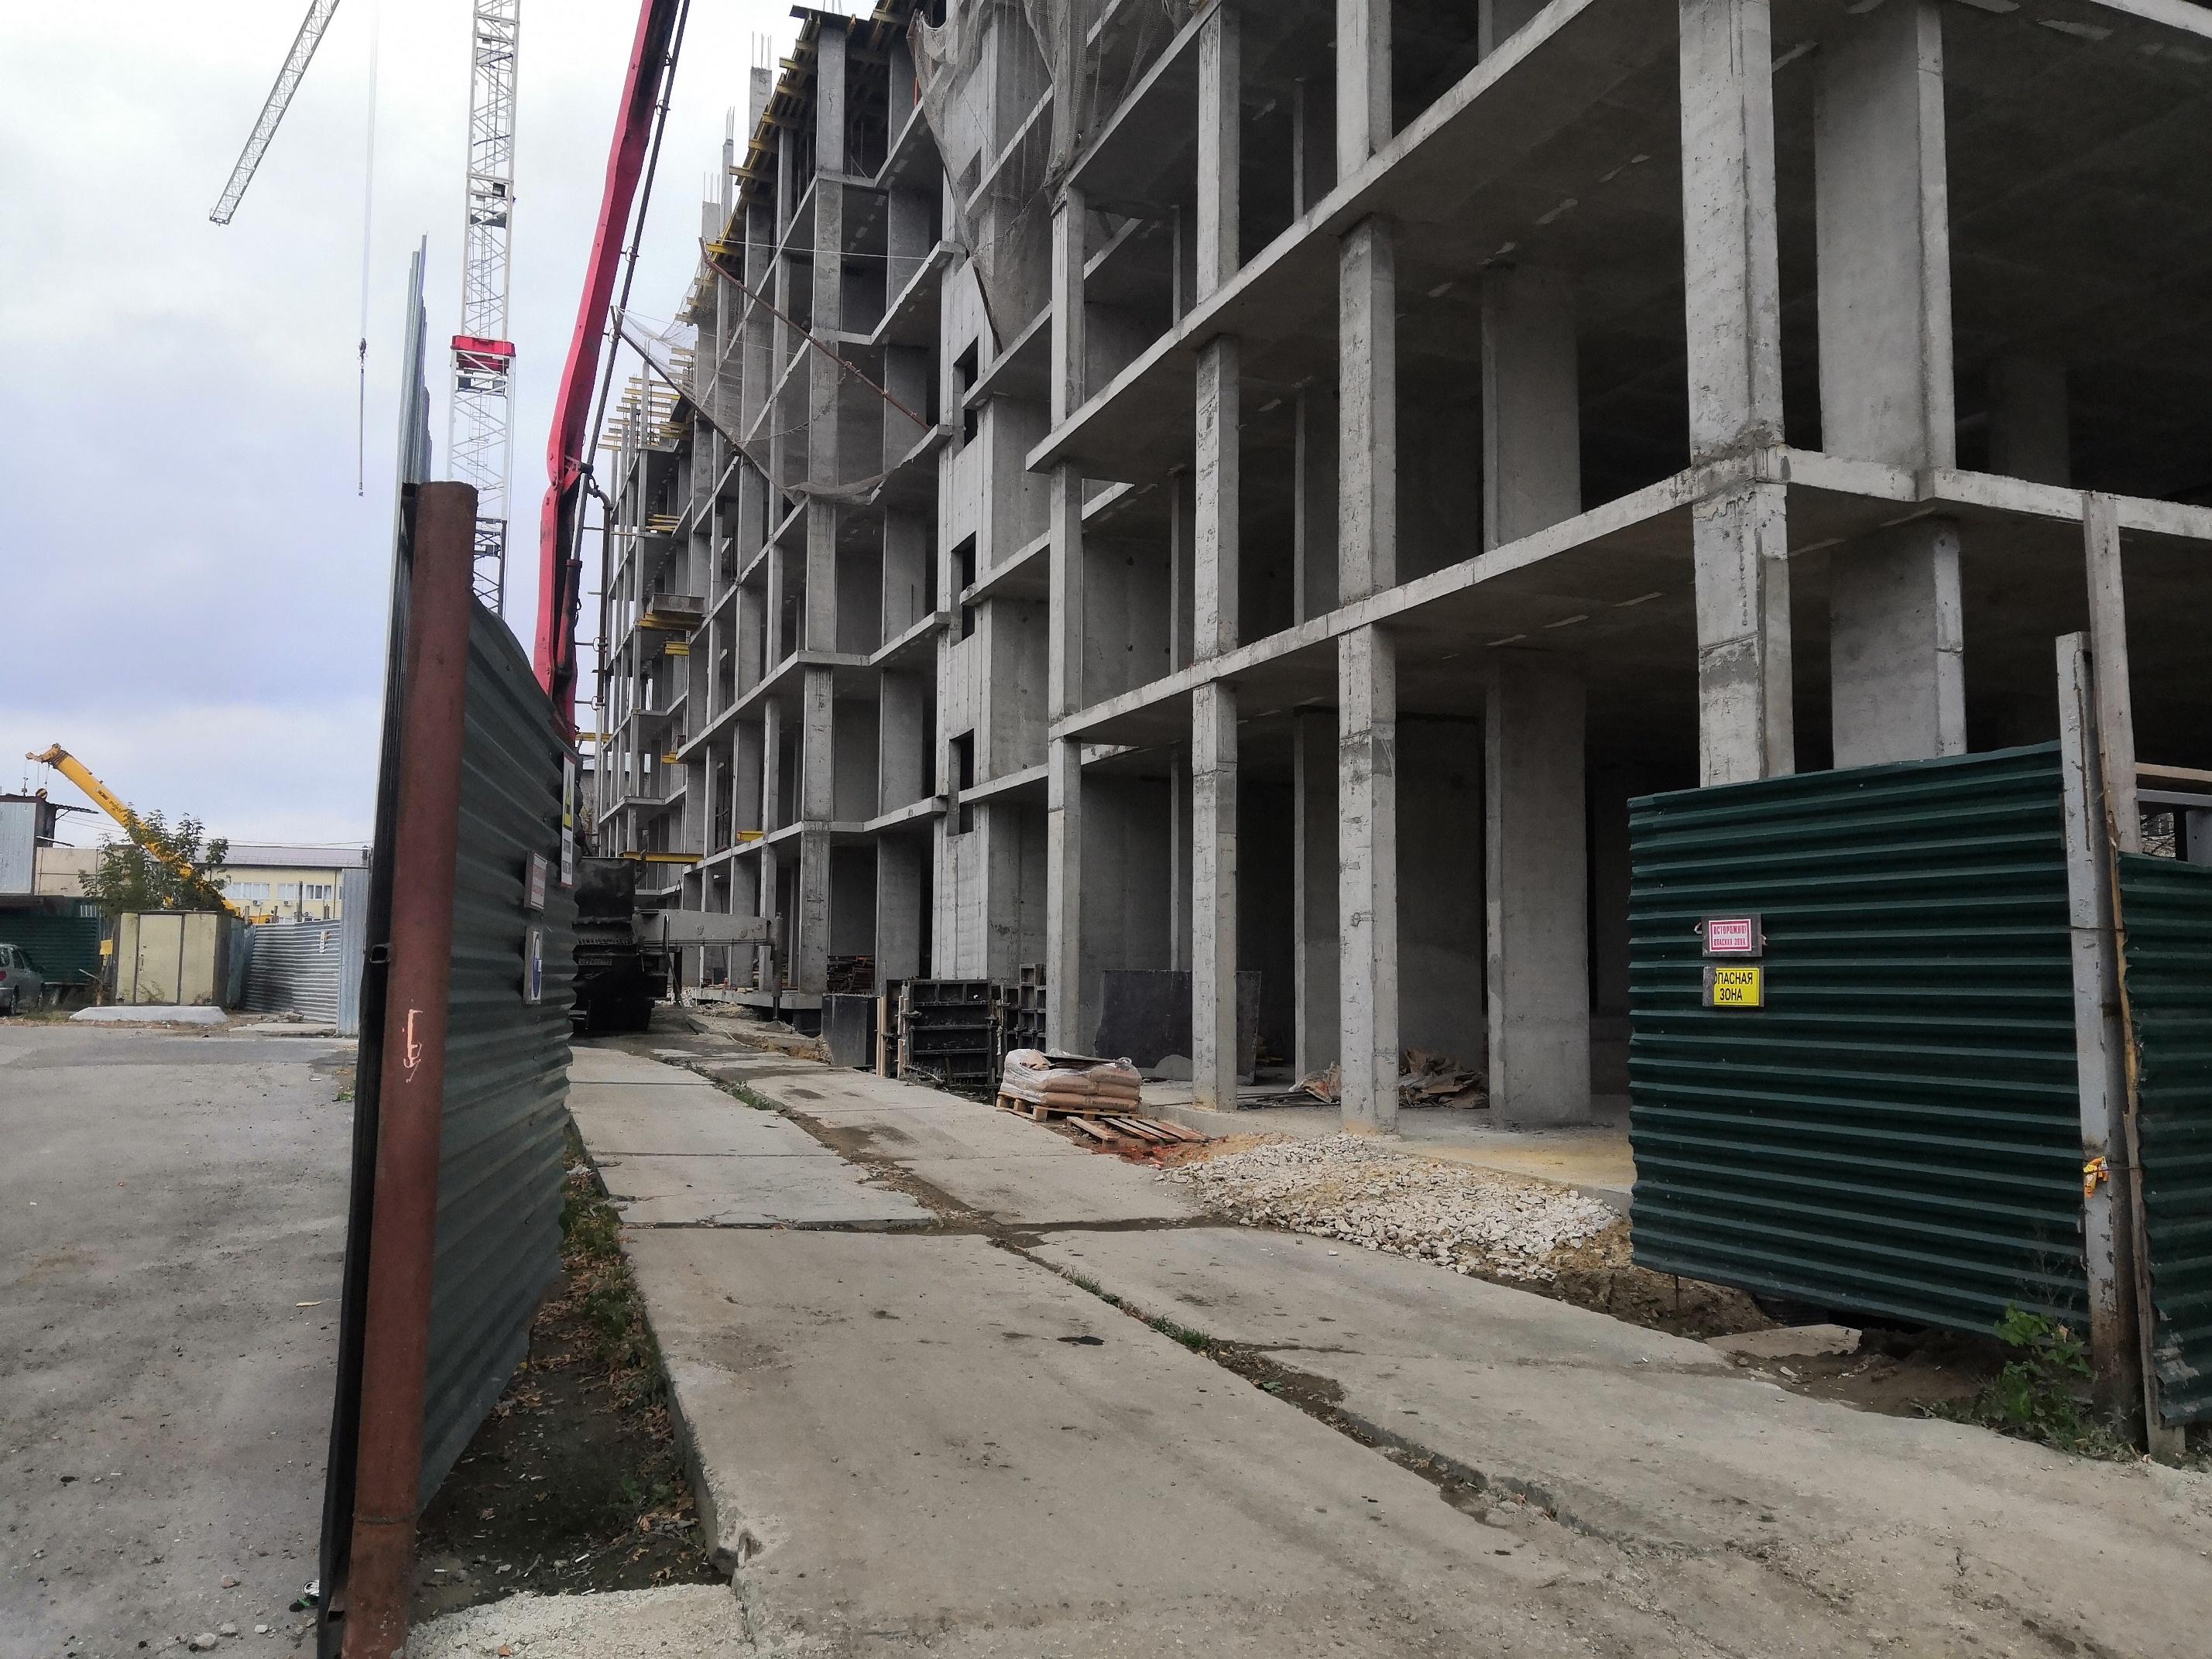 Фотографии жилого дома по улице Сойфера г. Тула застройщика ООО Вертикаль.